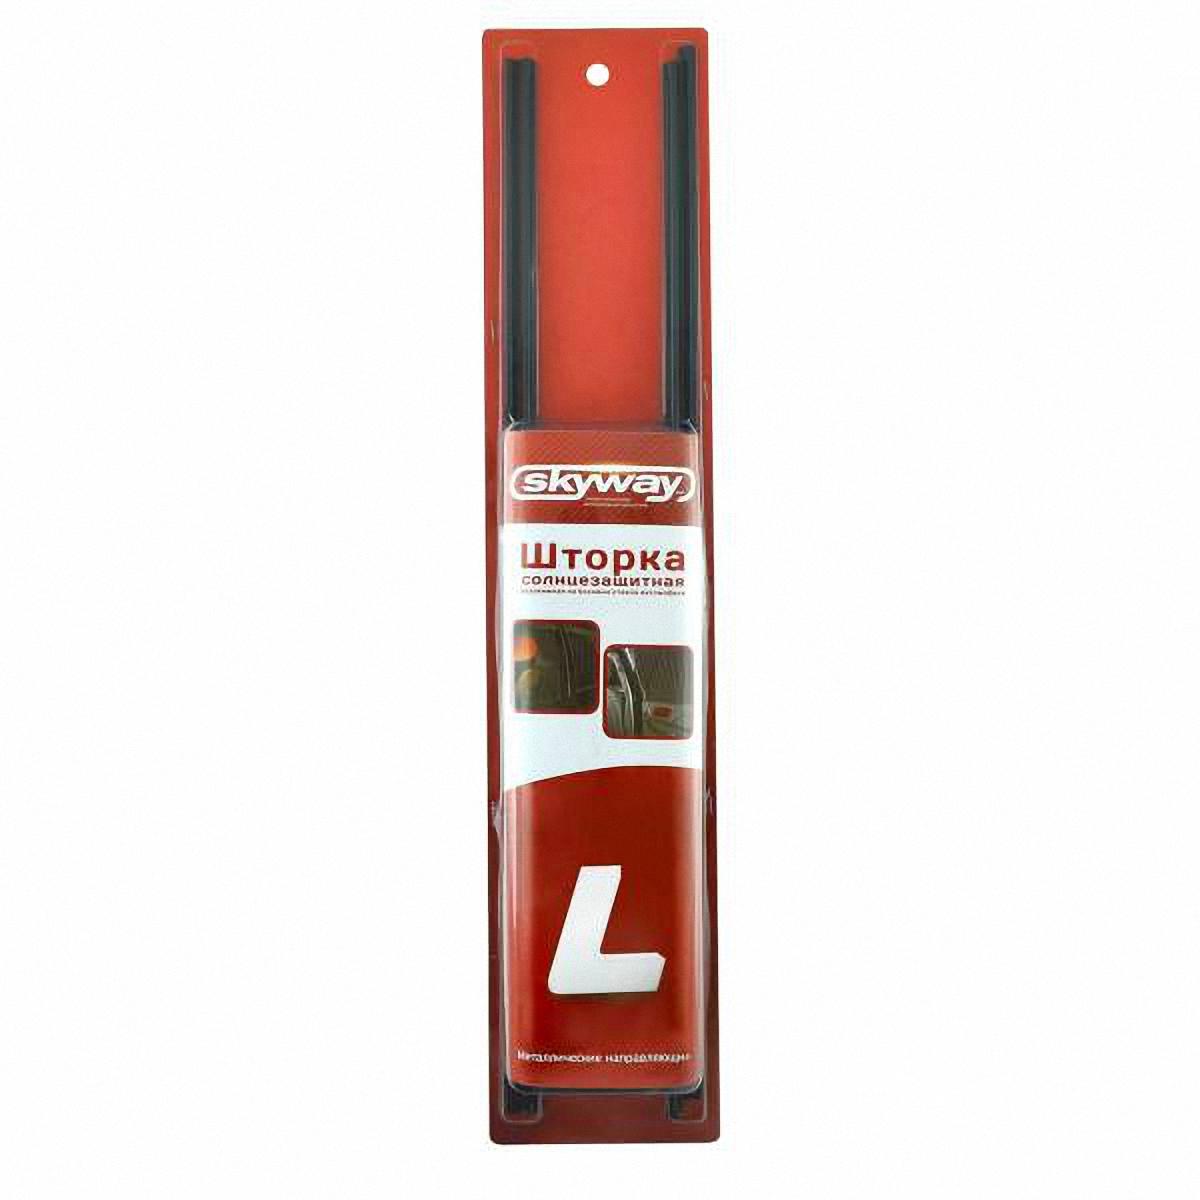 Шторка солнцезащитная Skyway, раздвижная, на боковое стекло, 60 х 53 см, 2 шт21395599Шторка раздвижная на боковые стекла надёжно защитит от прямых солнечных лучей и сохранит прохладу в салоне автомобиля. Крепление: велкро (липучки). Материал направляющих: алюминий. Материал штор: полиэстер. Размер: L (60 х 47-53 см).